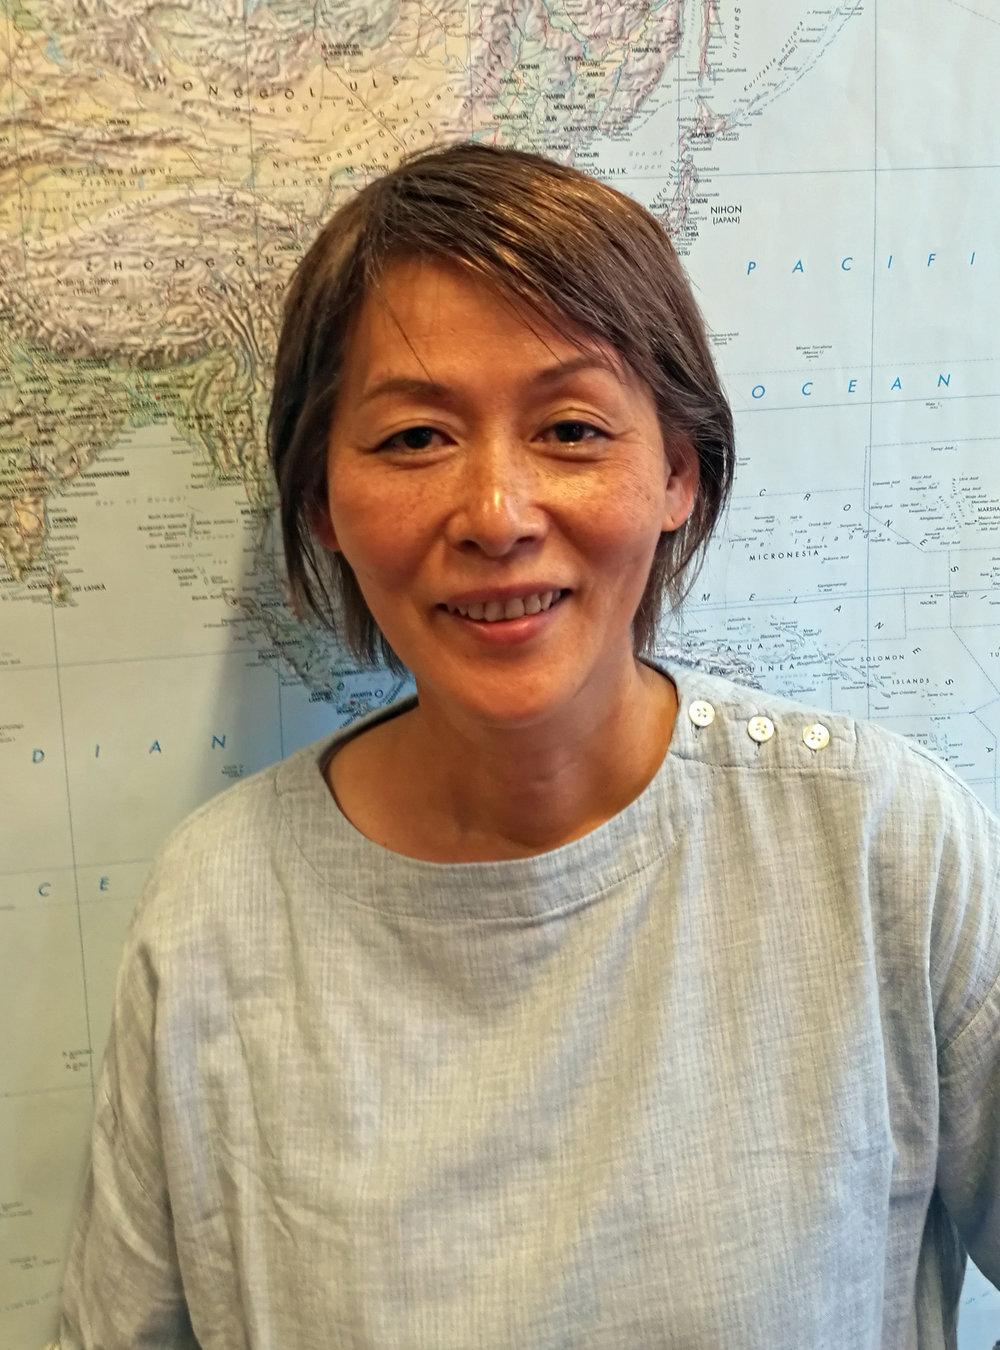 Hiroko Ishige  Lærer på Backpack Japan. Hiroko kommer fra Tokyo, og var elev ved skolen i 1996/97. Etter å ha lært seg norsk her, har hun arbeidet med reiseliv i Japan, og har flere ganger vært i Norge.